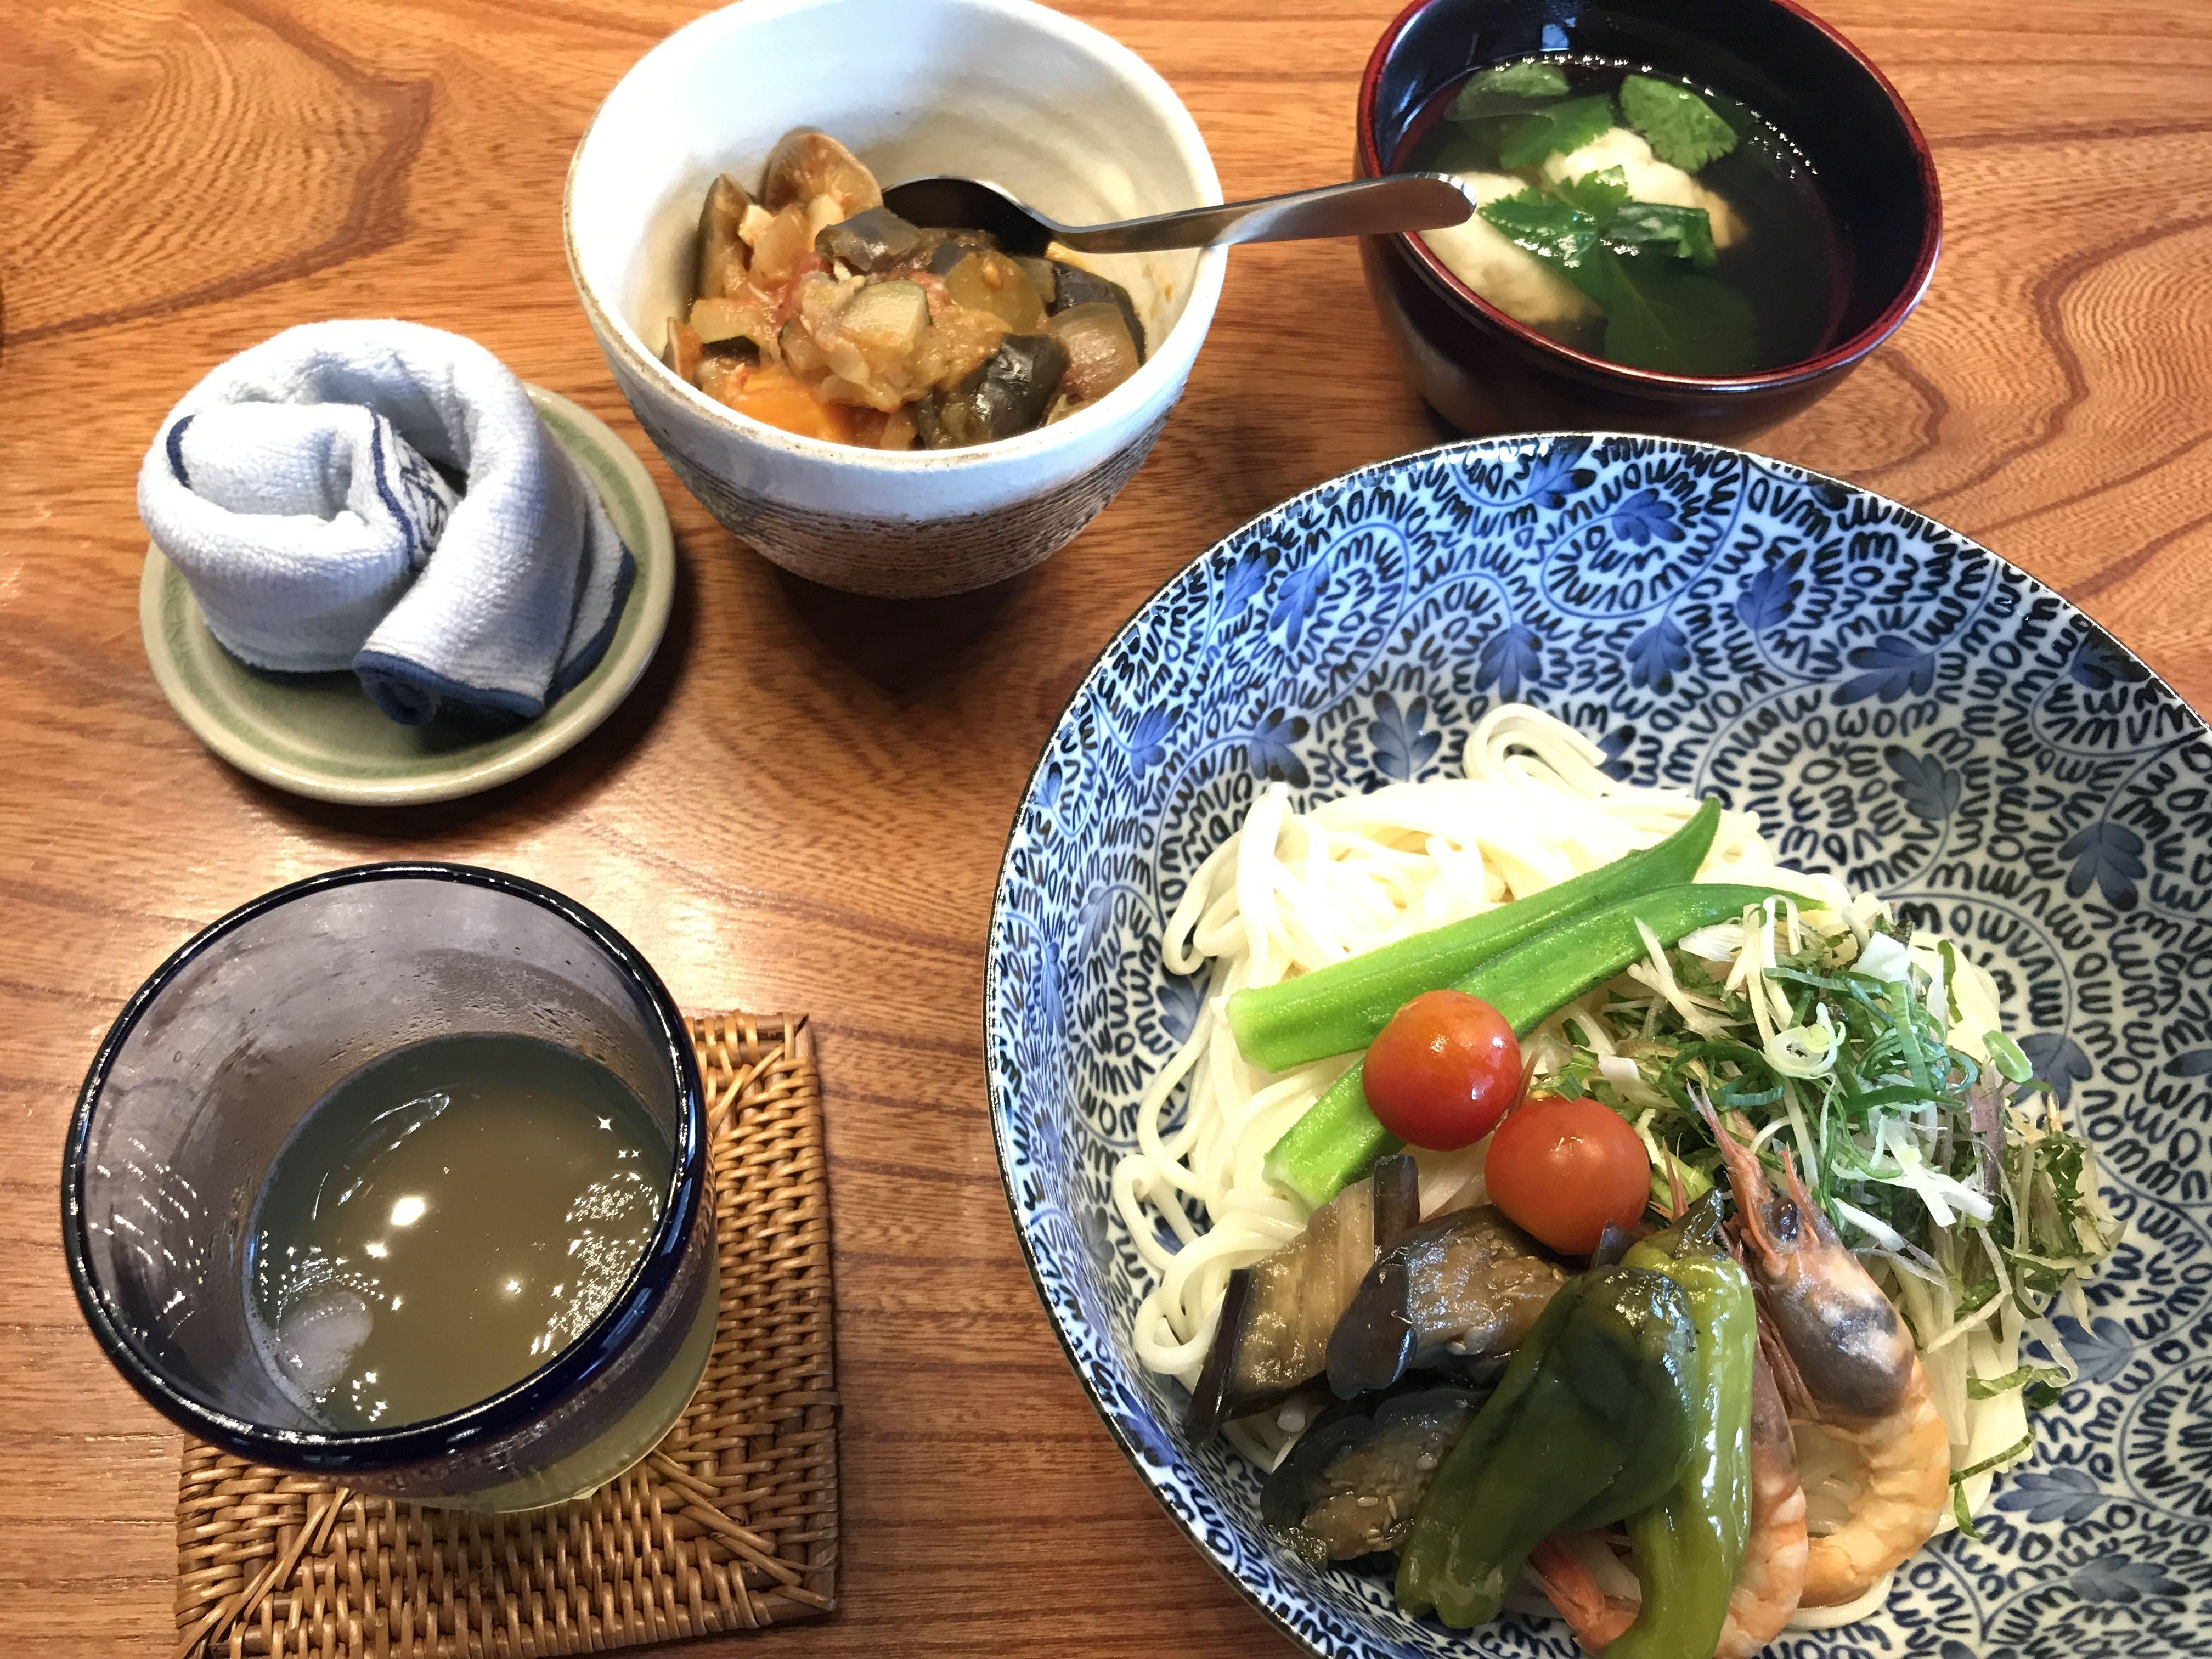 ガラエビ出汁の素麺、鱧のラタトゥイユ